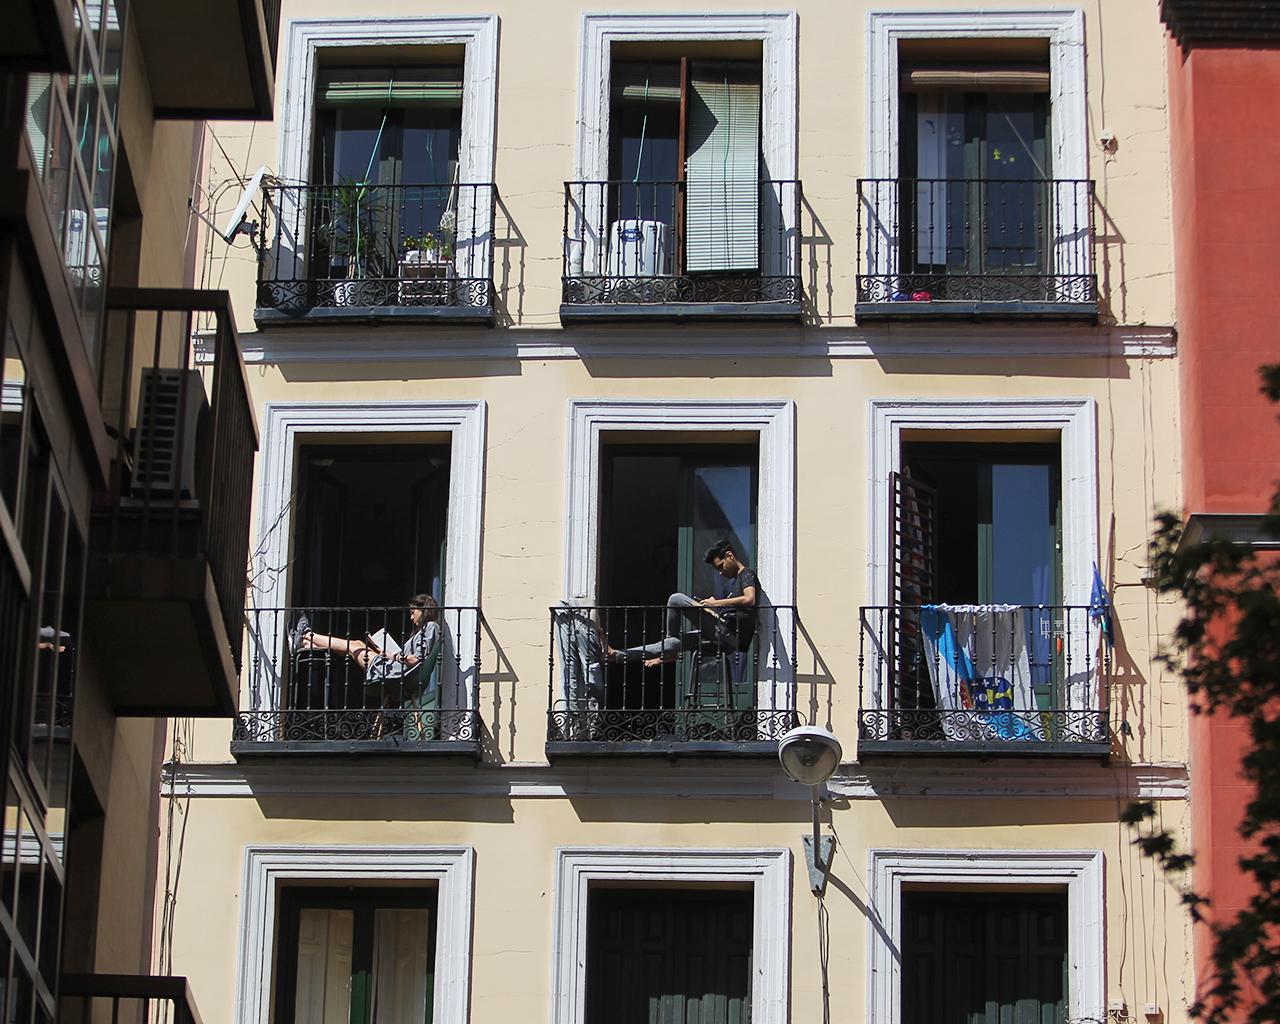 Dos jóvenes confinados leen en el balcón de casa. Madrid. 25/03/2020.